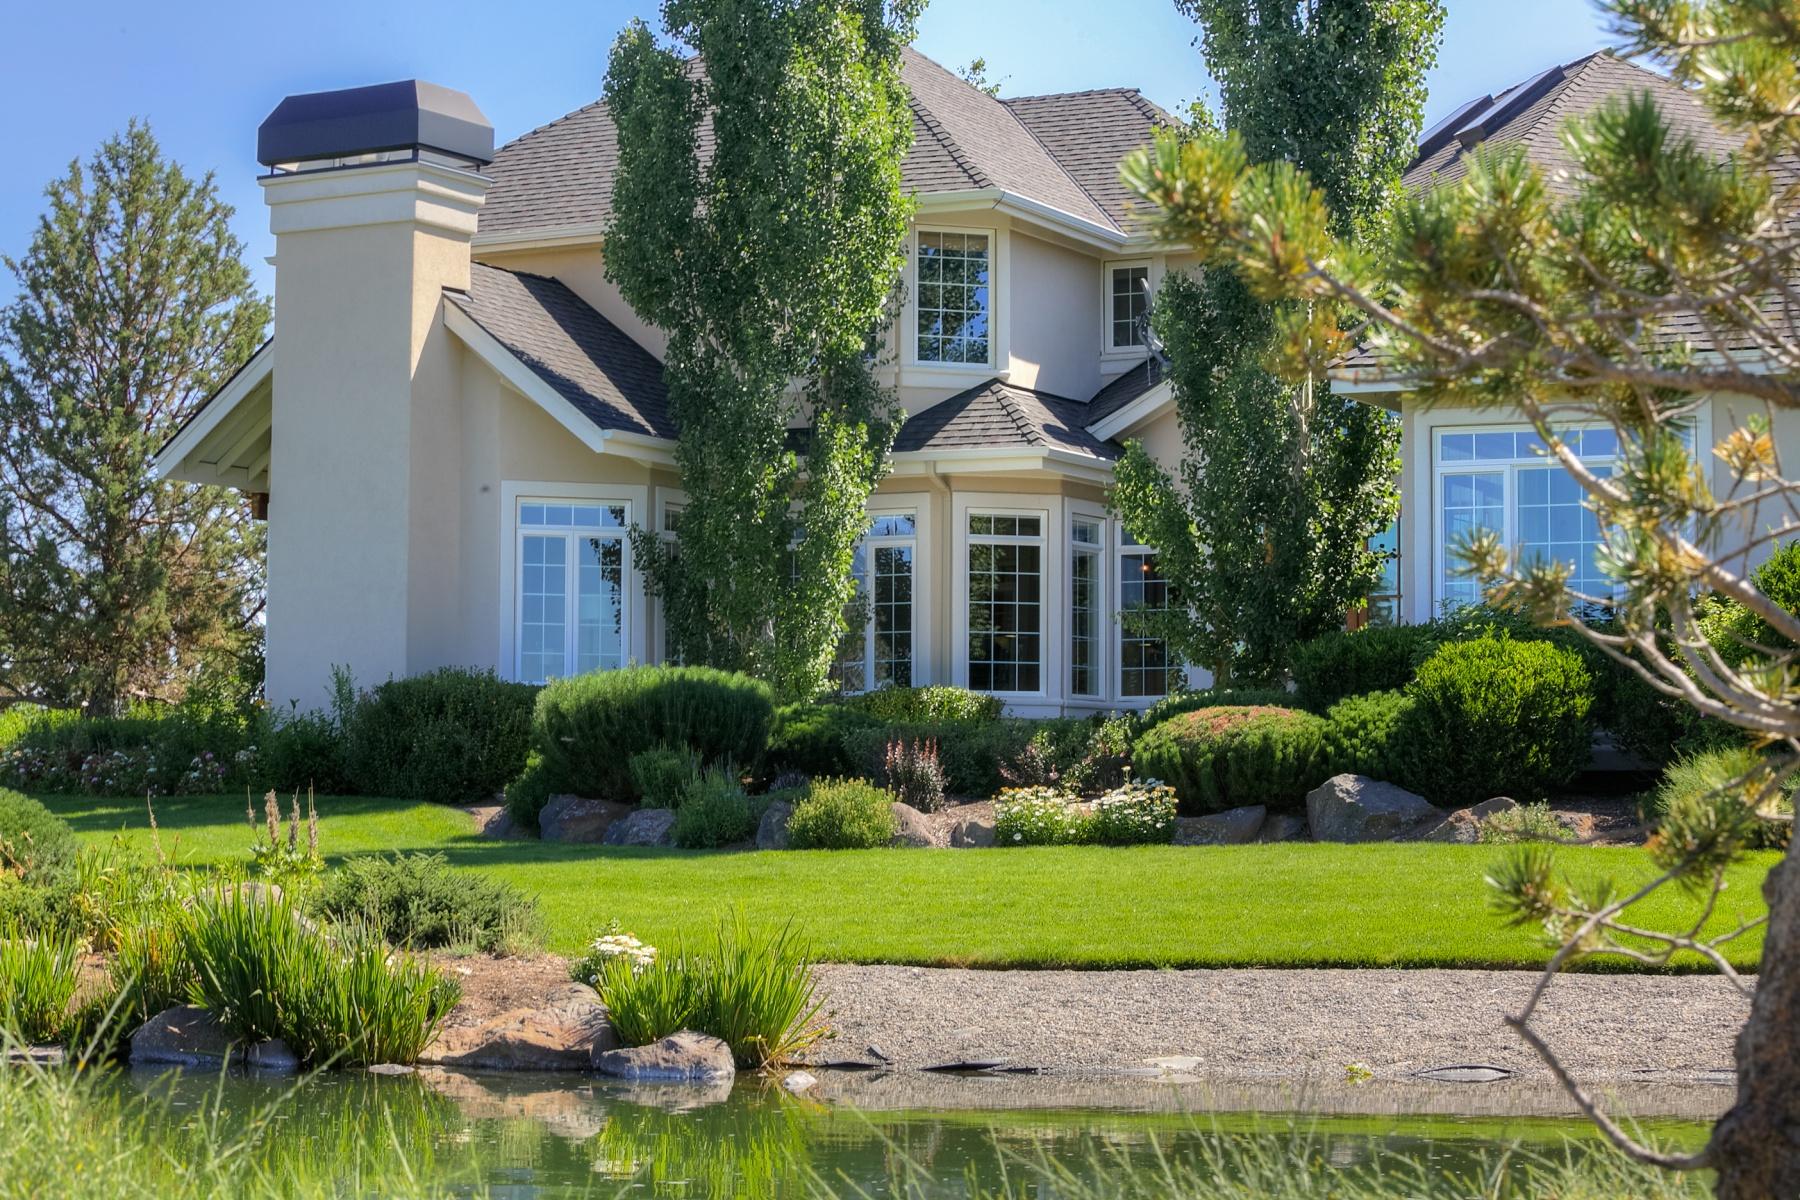 Property For Sale at 20510 Harper, Bend